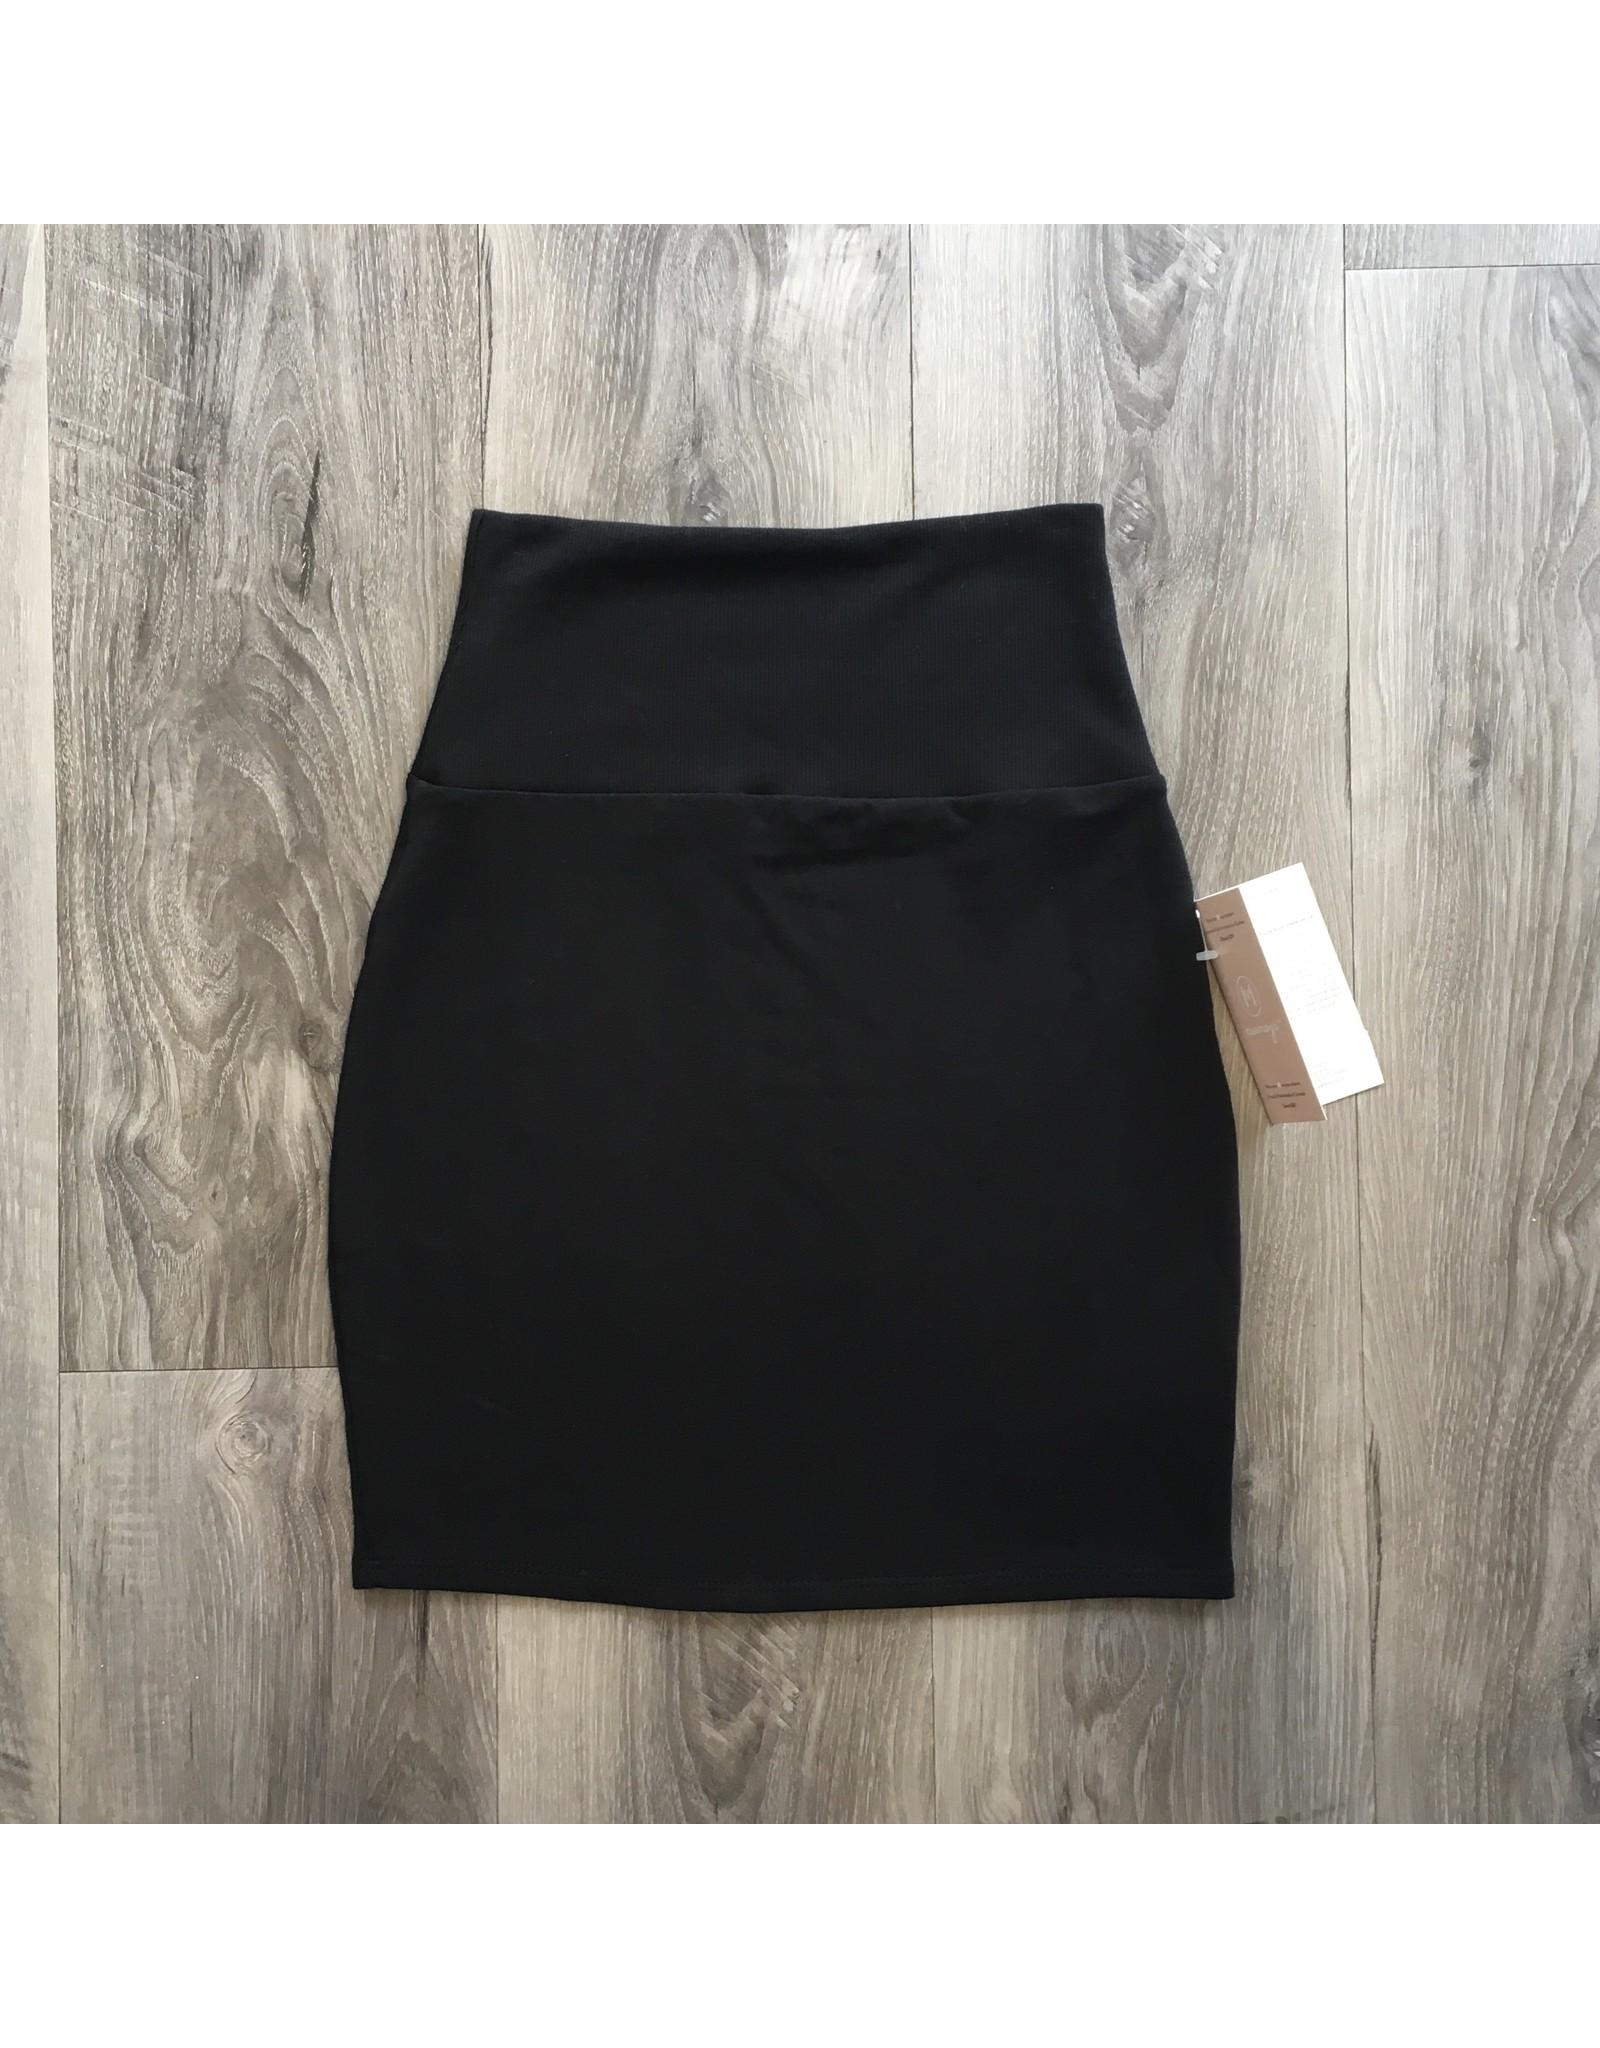 Meemoza Jupe Jean noire